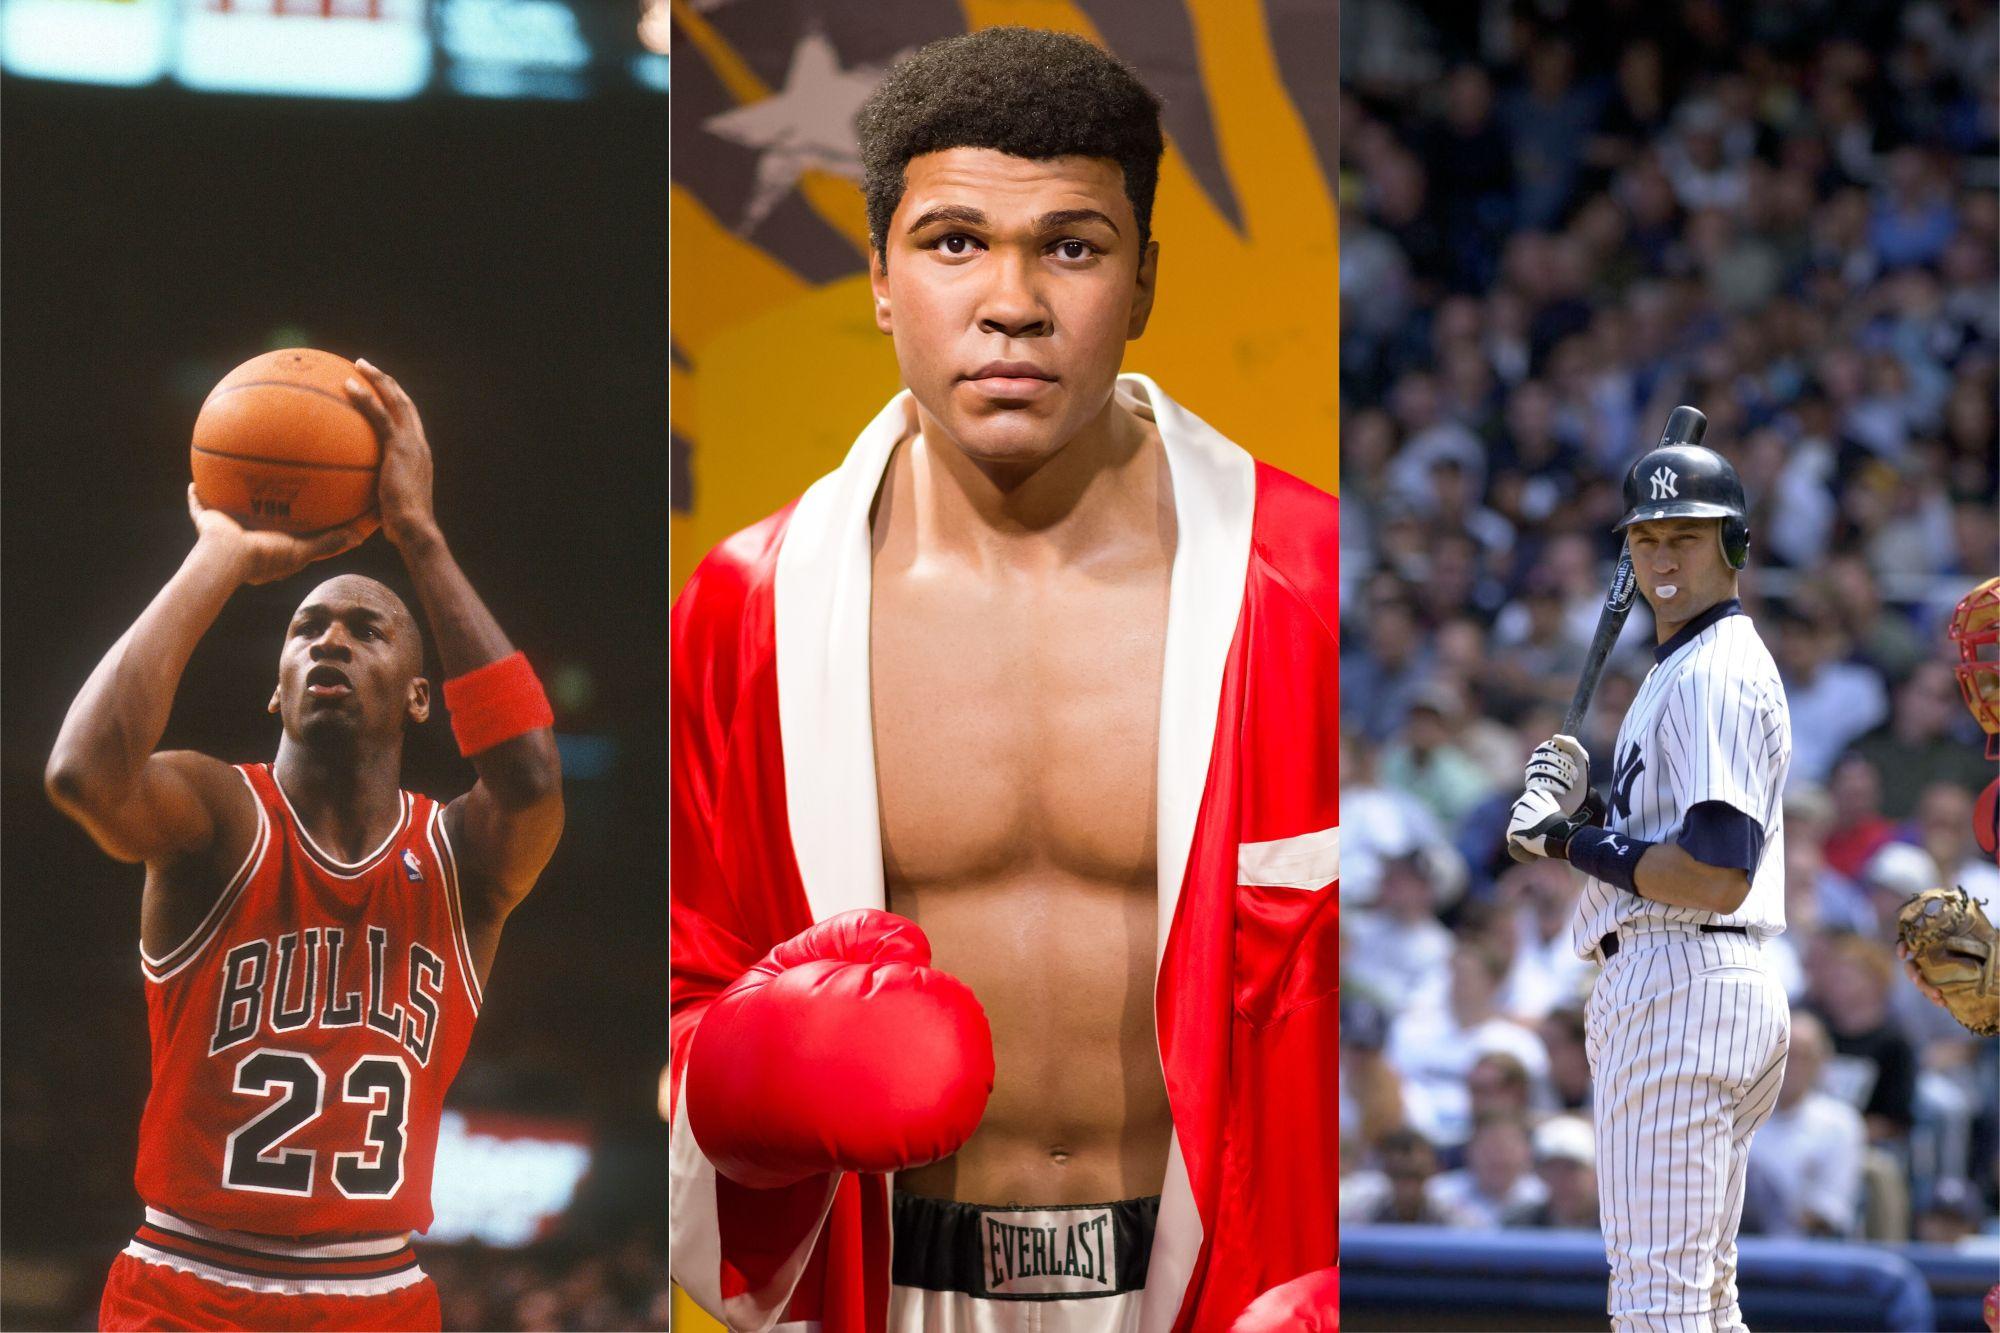 15 frases de leyendas del deporte para motivarte cuando te sientas derrotado